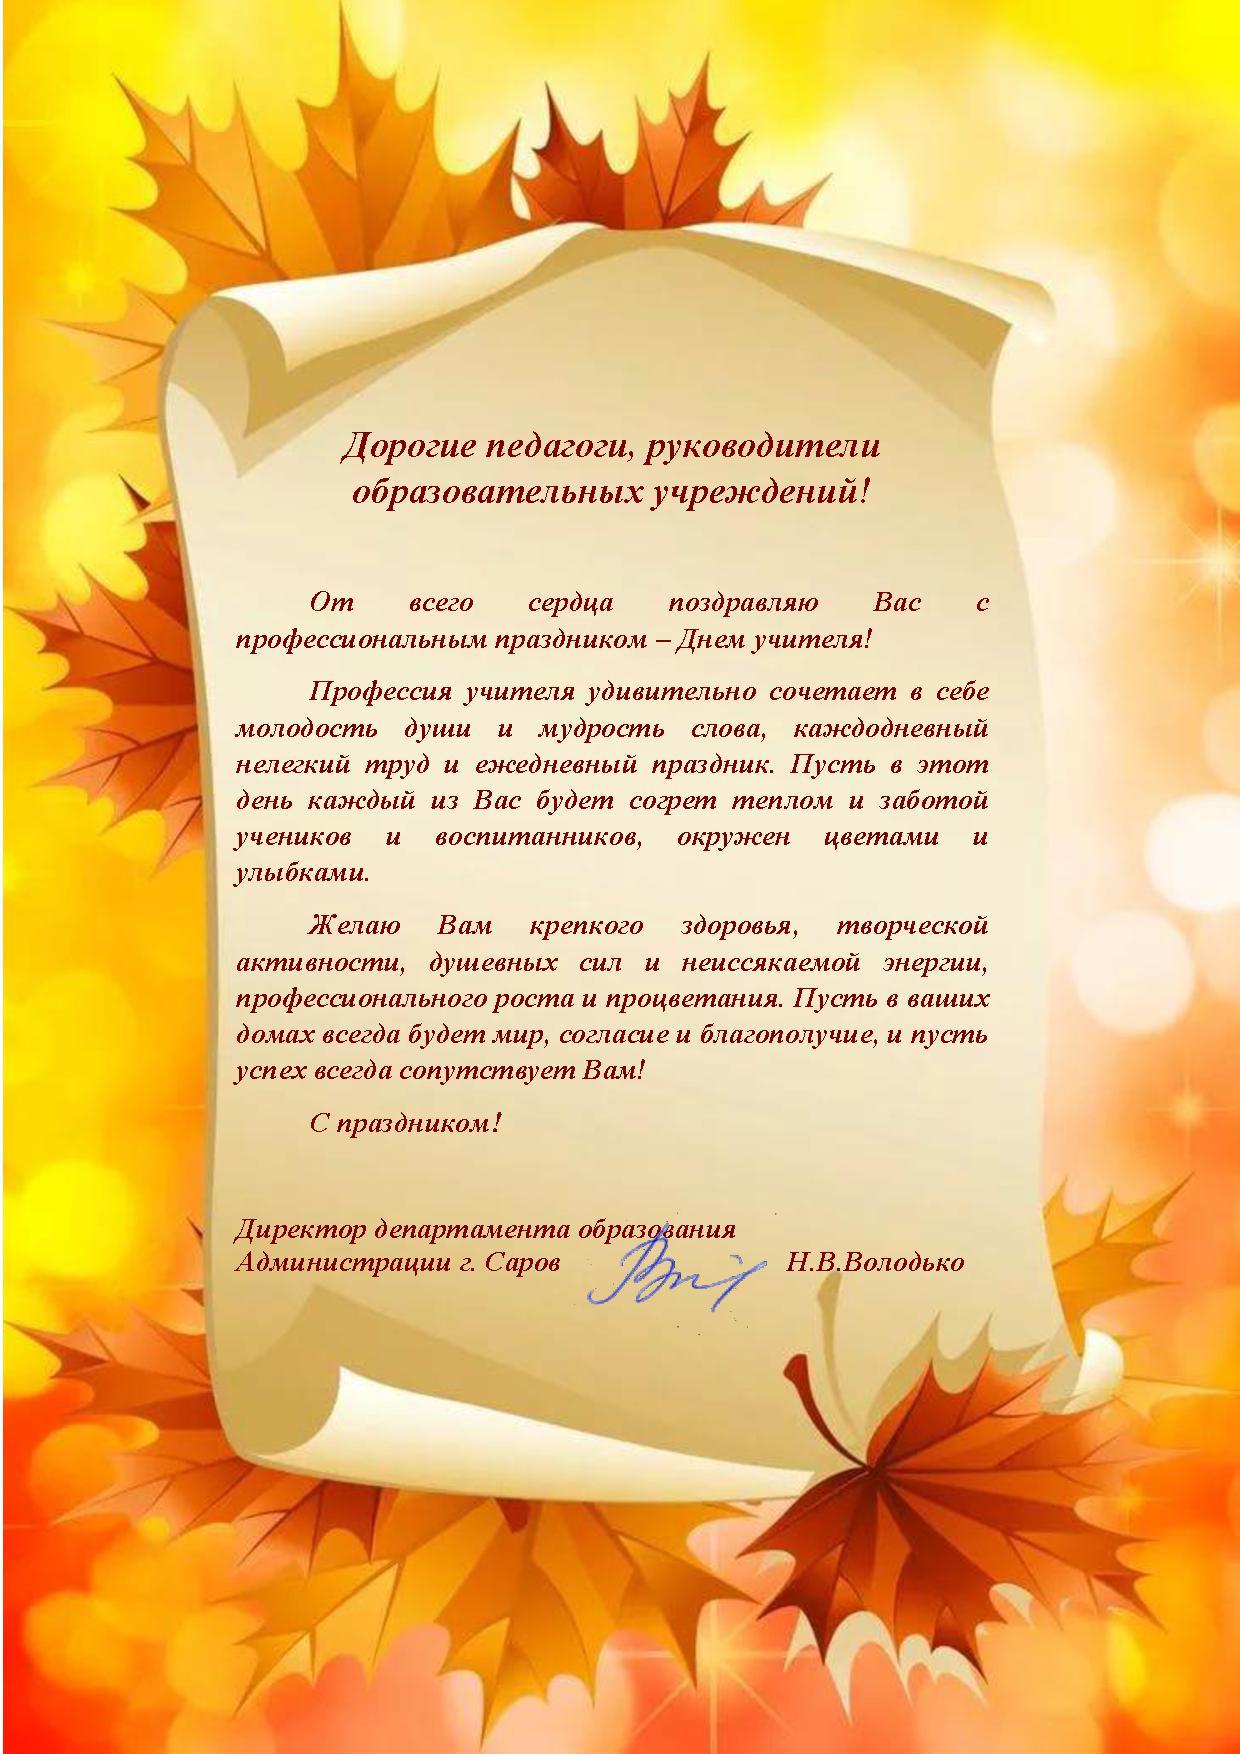 Поздравление руководителя департамента образования